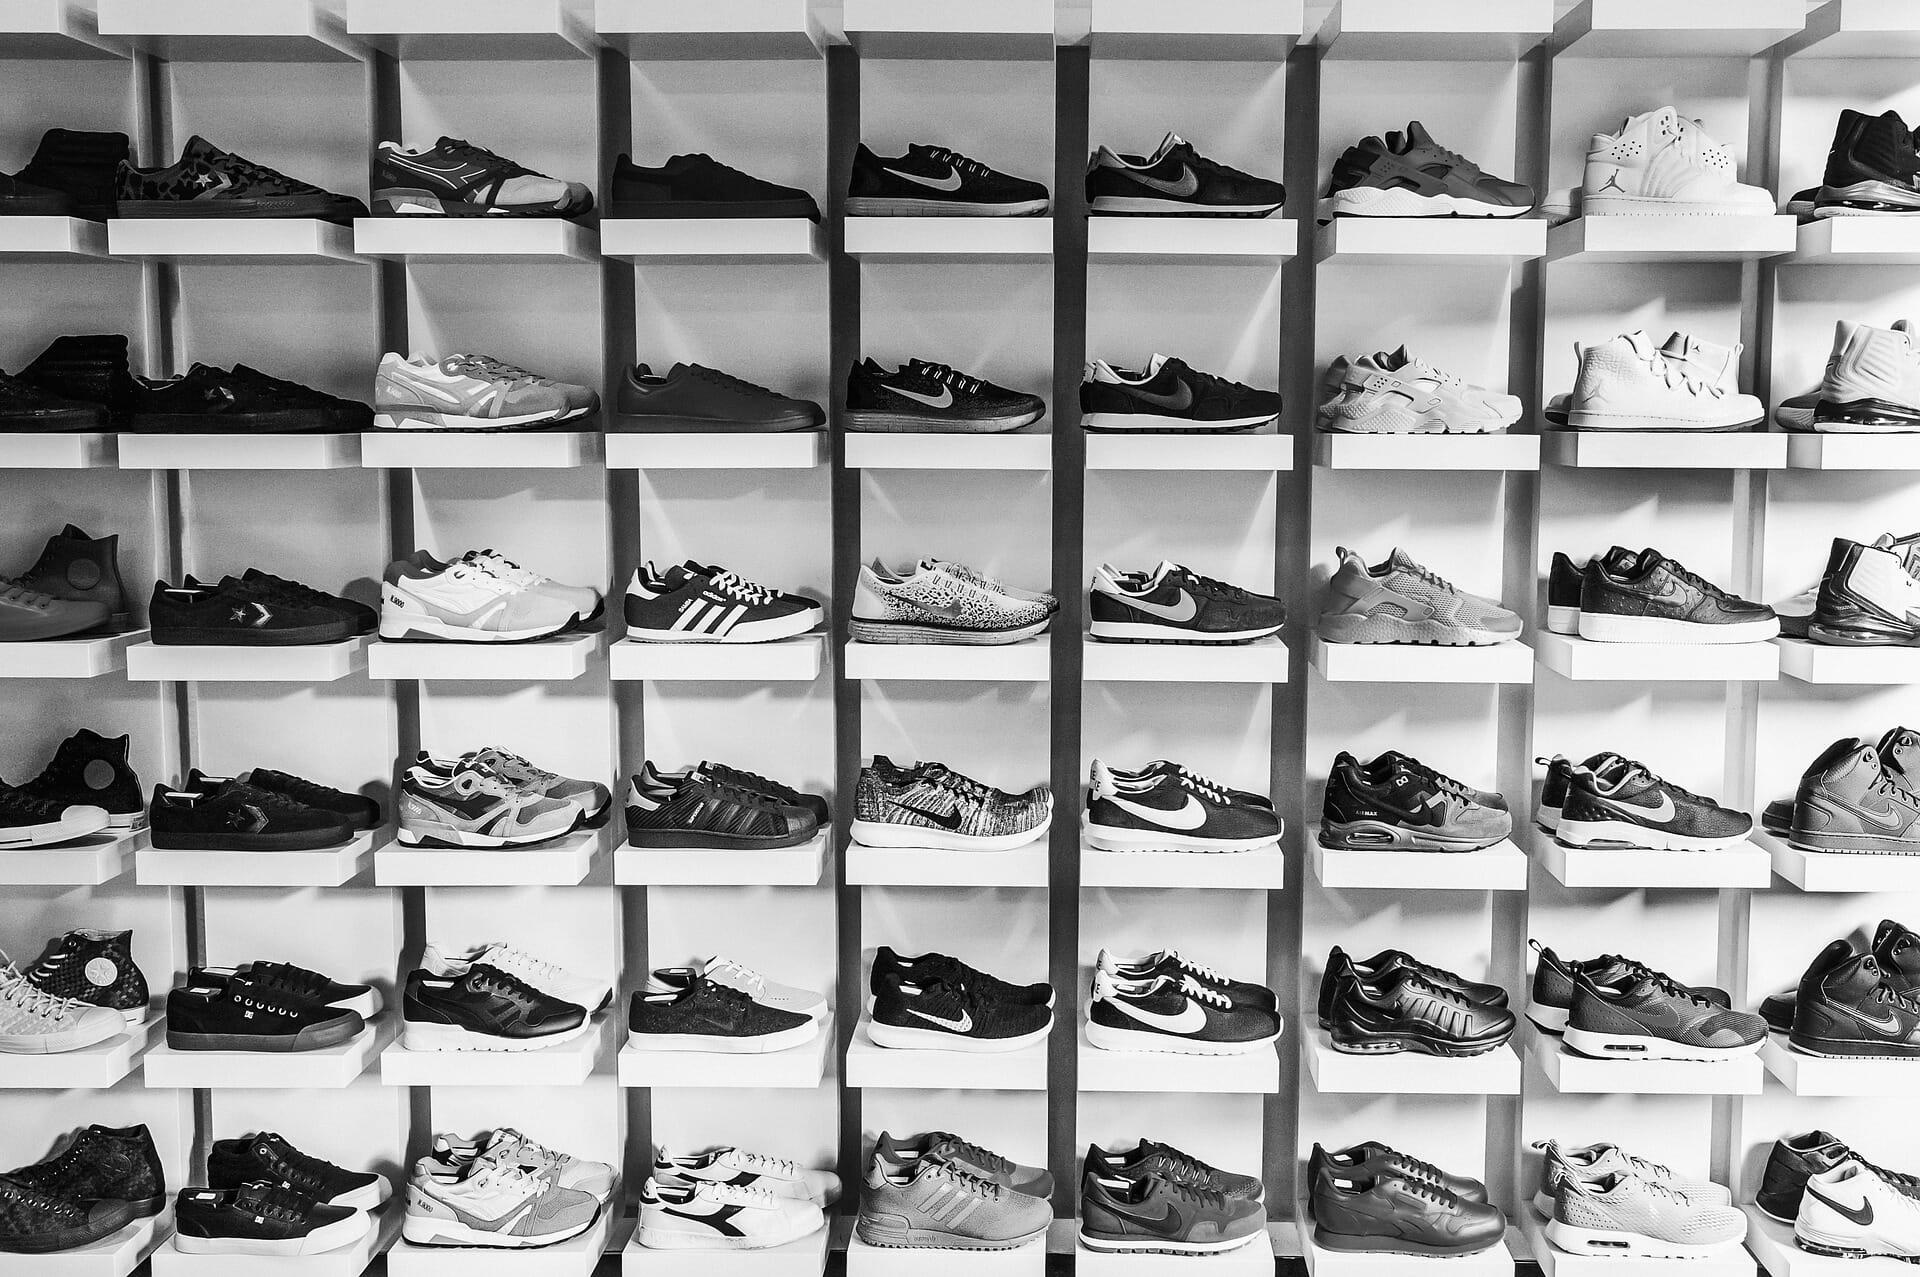 Le rotte commerciali delle scarpe false